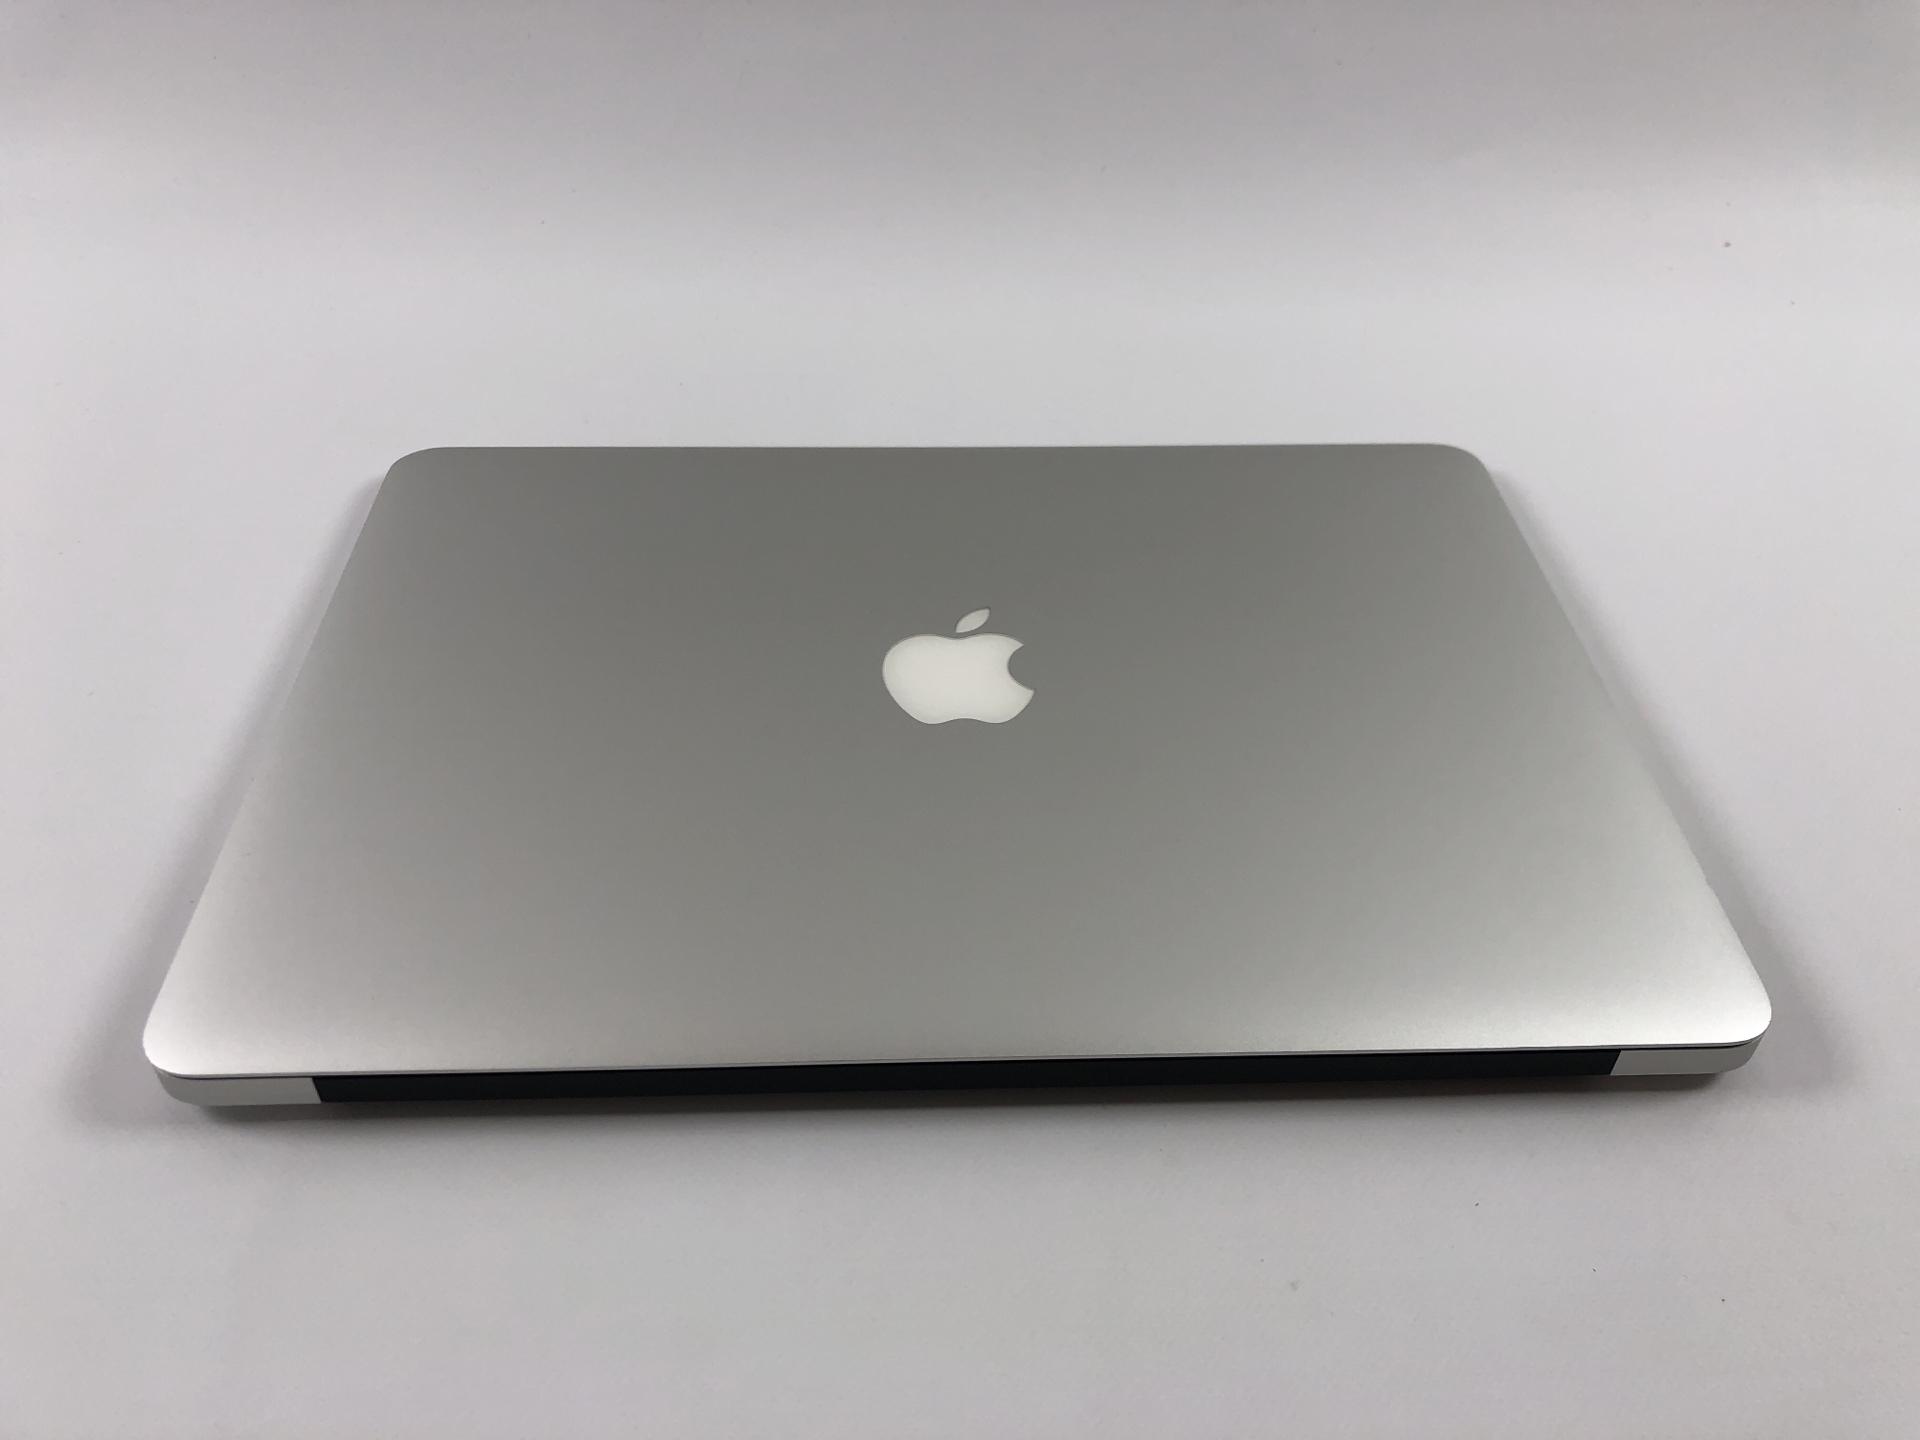 """MacBook Air 13"""" Mid 2013 (Intel Core i7 1.7 GHz 8 GB RAM 256 GB SSD), Intel Core i7 1.7 GHz, 8 GB RAM, 256 GB SSD, Bild 2"""